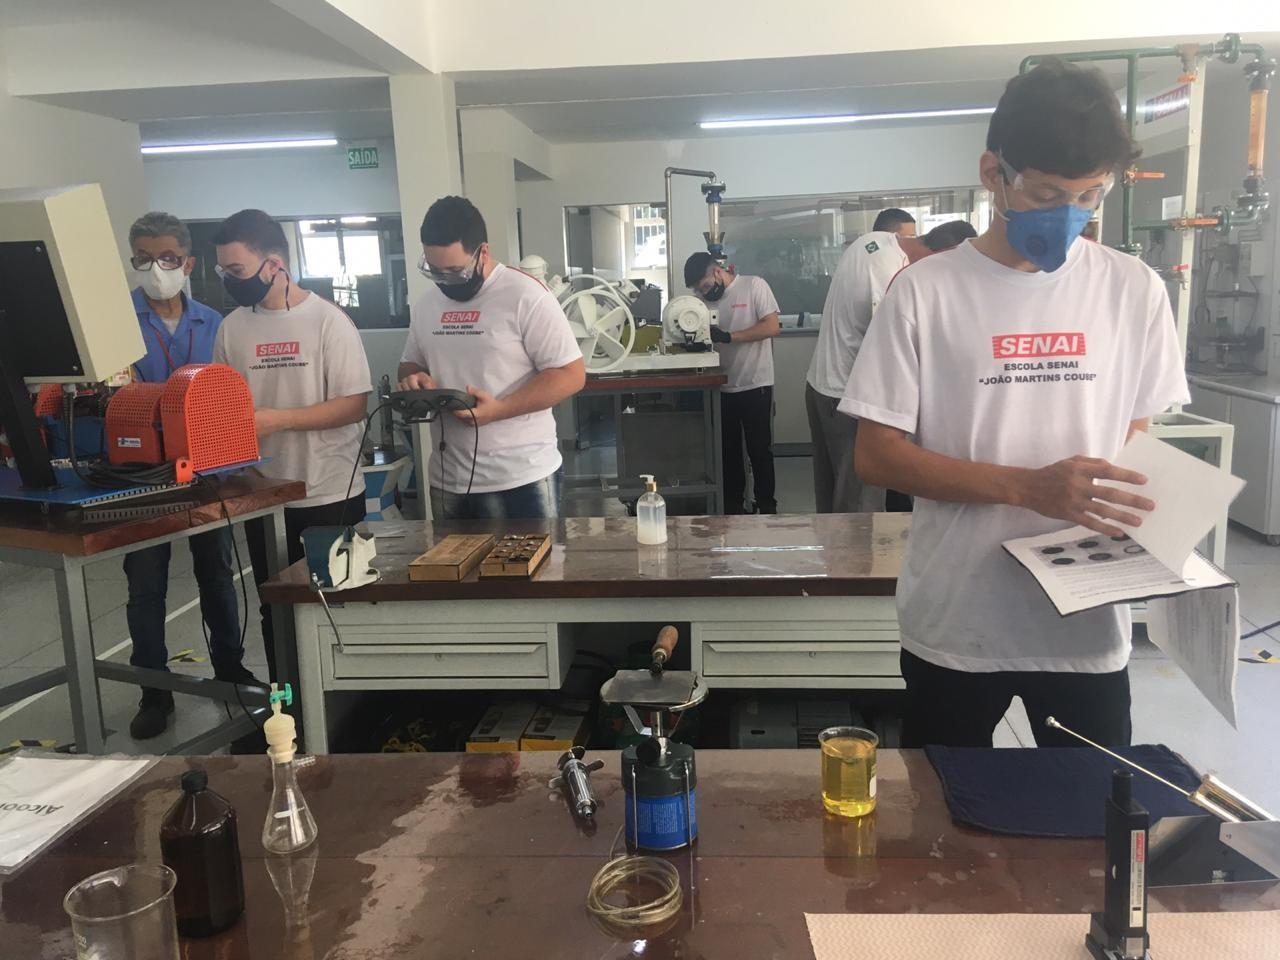 Senai de Bauru oferece mais de 170 vagas para cursos técnicos